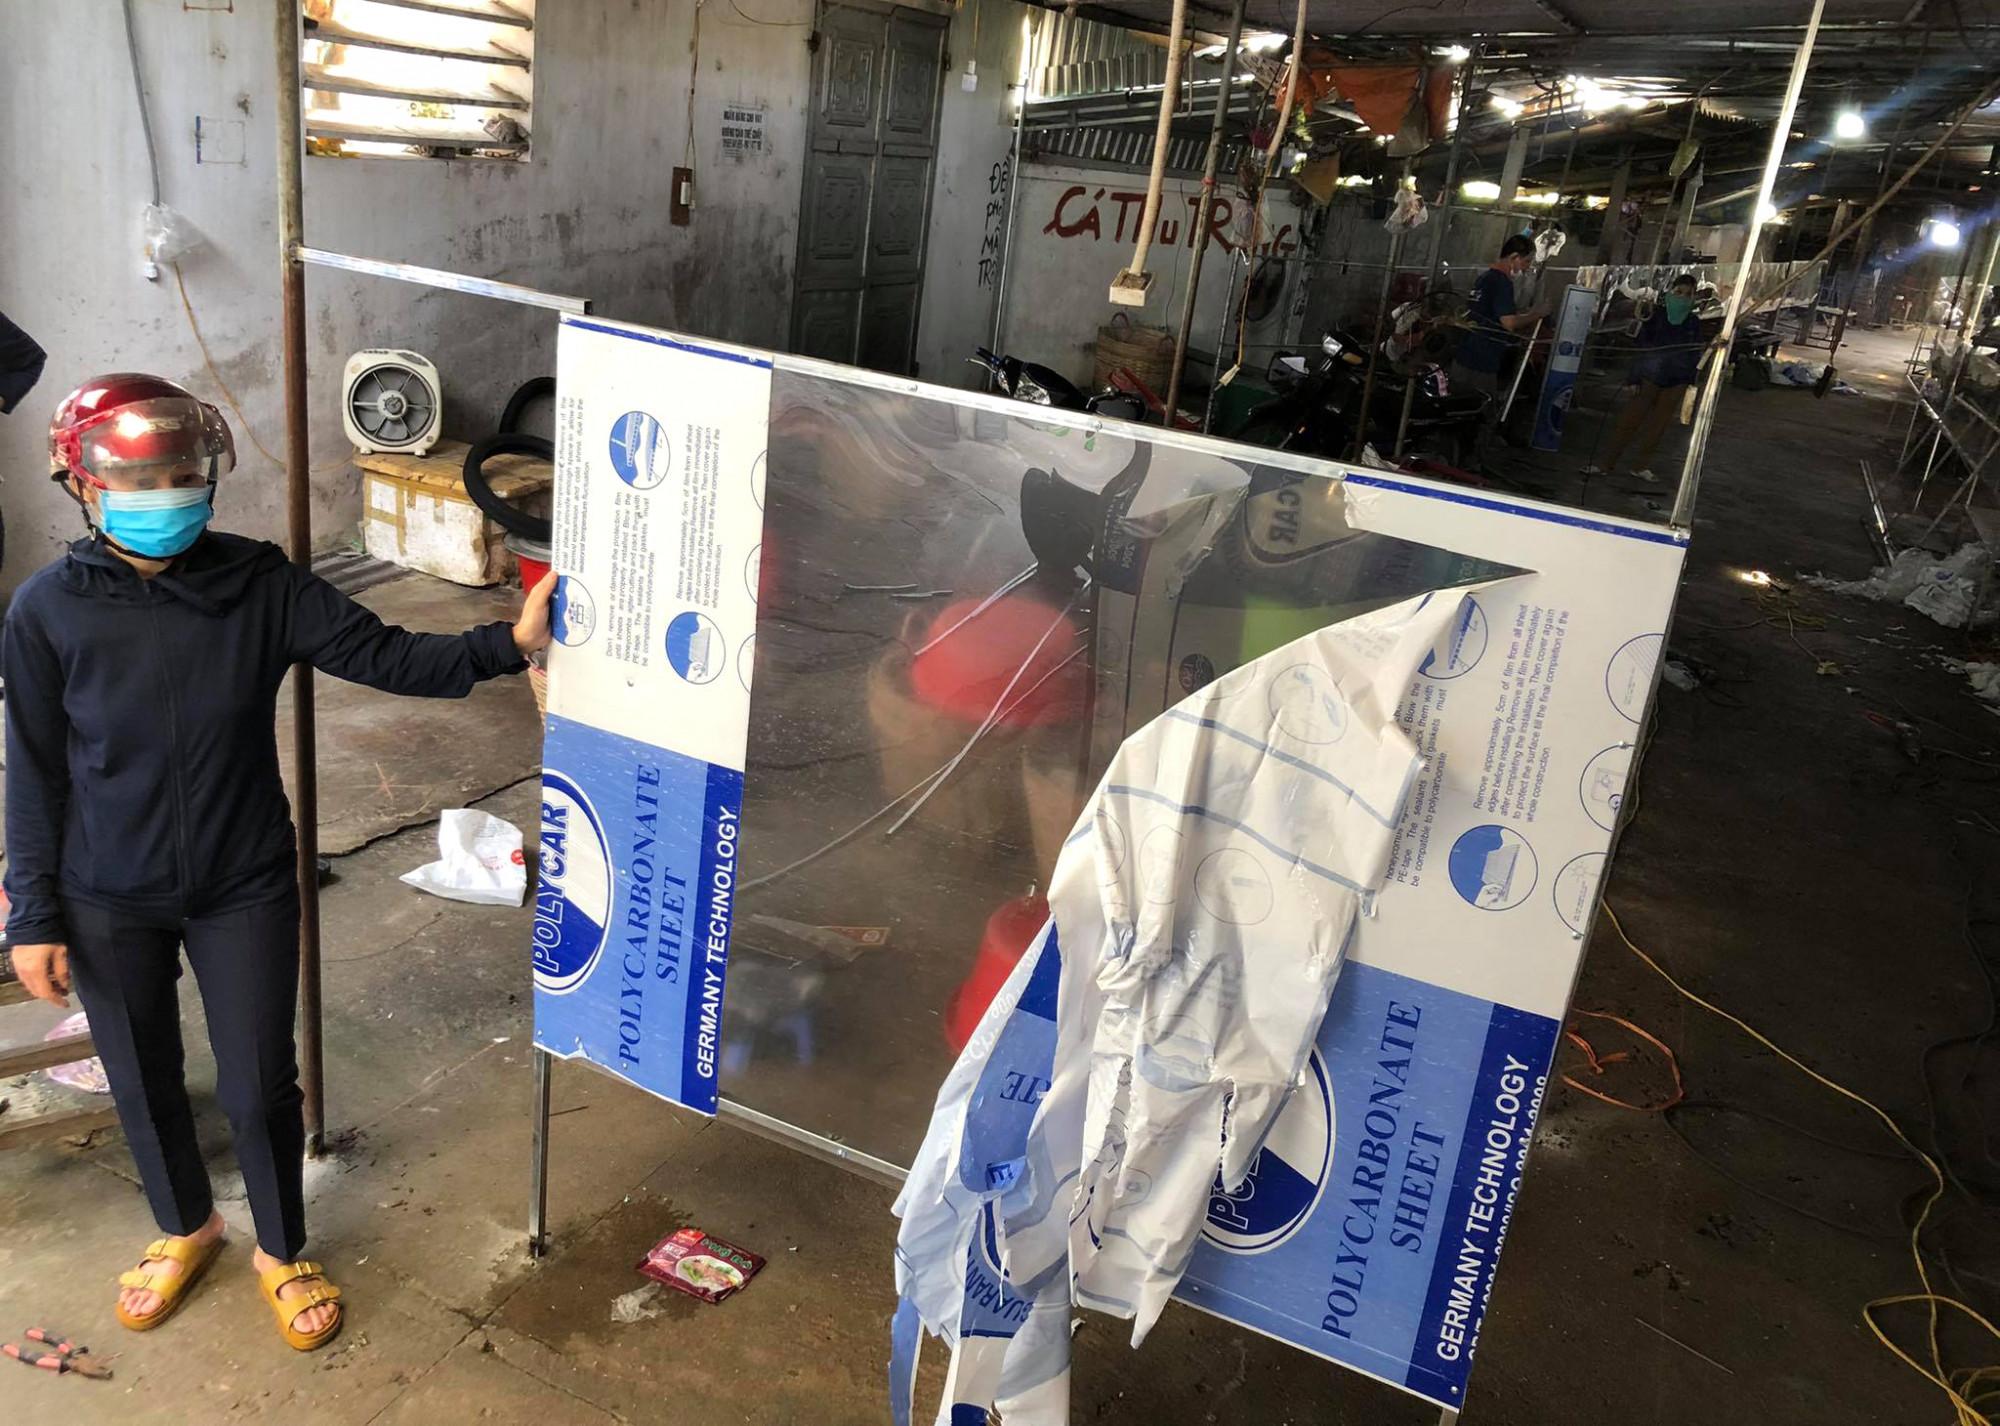 Trước tình thế đó, nhiều ngày qua, tiểu thương các khu chợ đều tranh thủ mua dụng cụ về lắp đặt vách ngăn, kính chống giọt bắn… vệ sinh khu vực để chợ sớm được hoạt động.